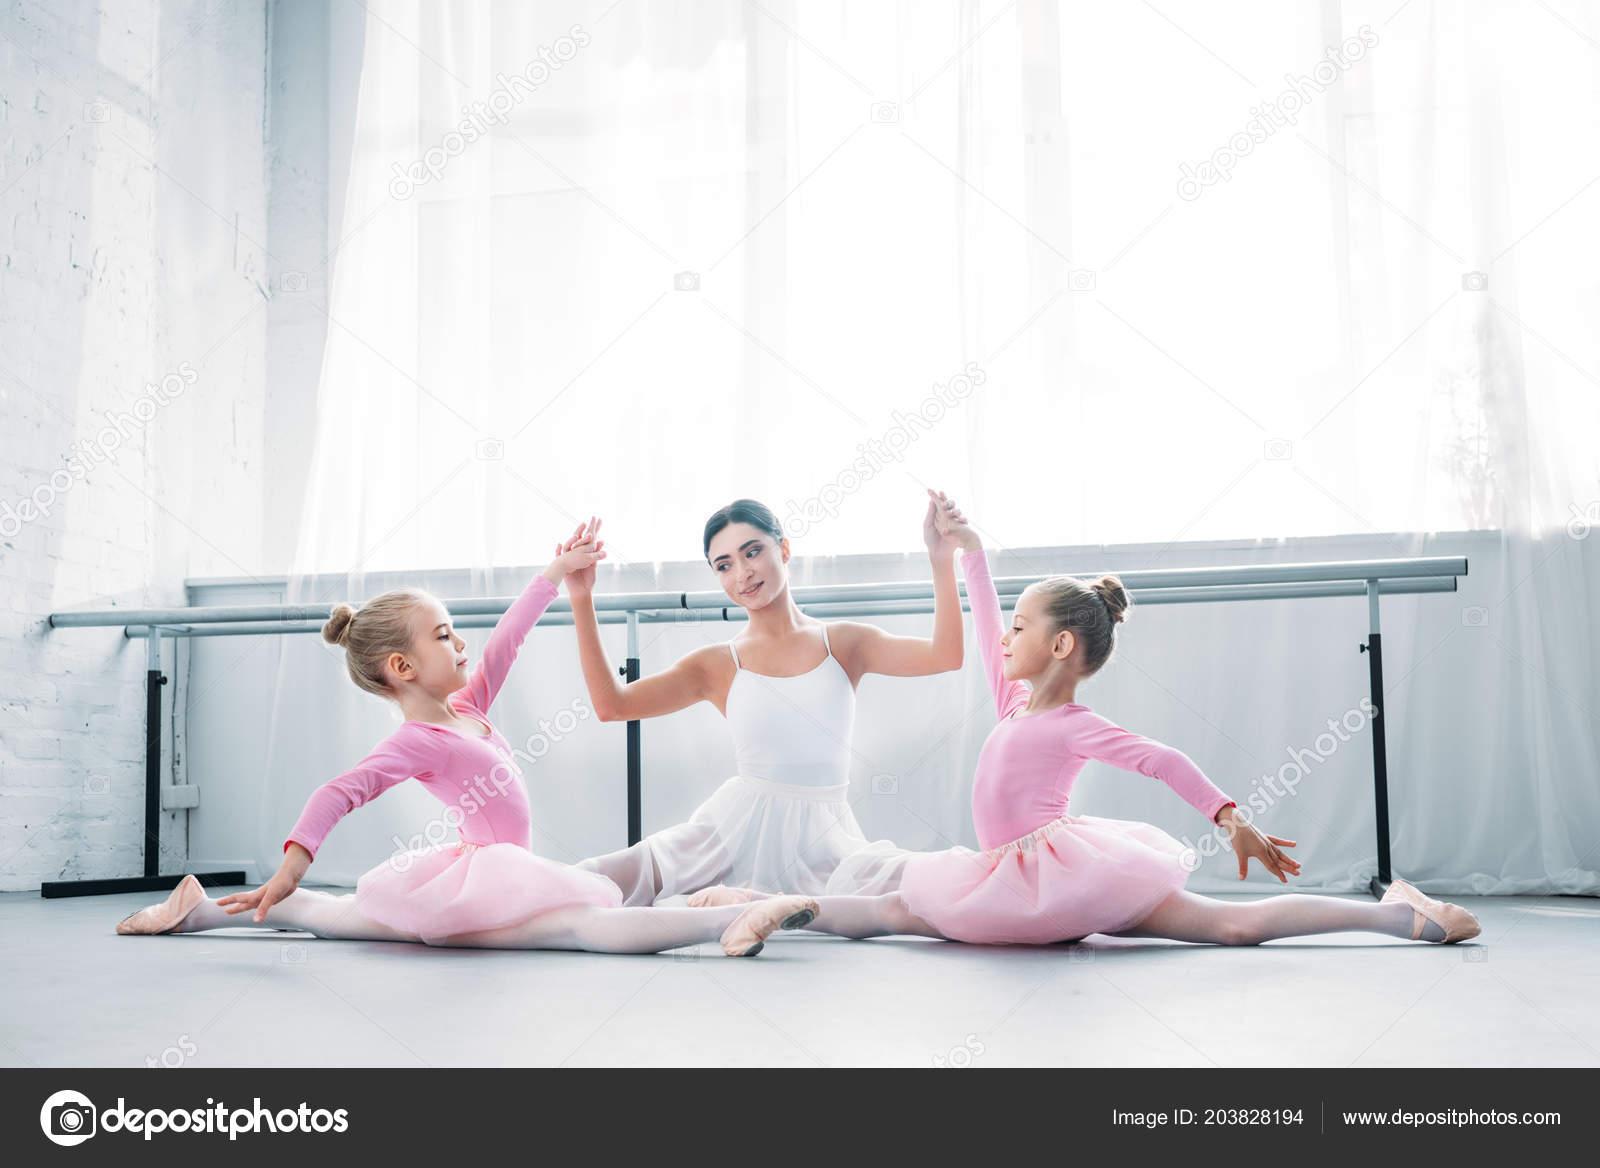 7060dddfcc0 Δάσκαλό της στο μπαλέτο μικρά με τα παιδιά το Τουτού φούστες συνεδρίαση και  κρατώντας τα χέρια ενώ ασκείστε στη Σχολή Μπαλέτου — Εικόνα από ...